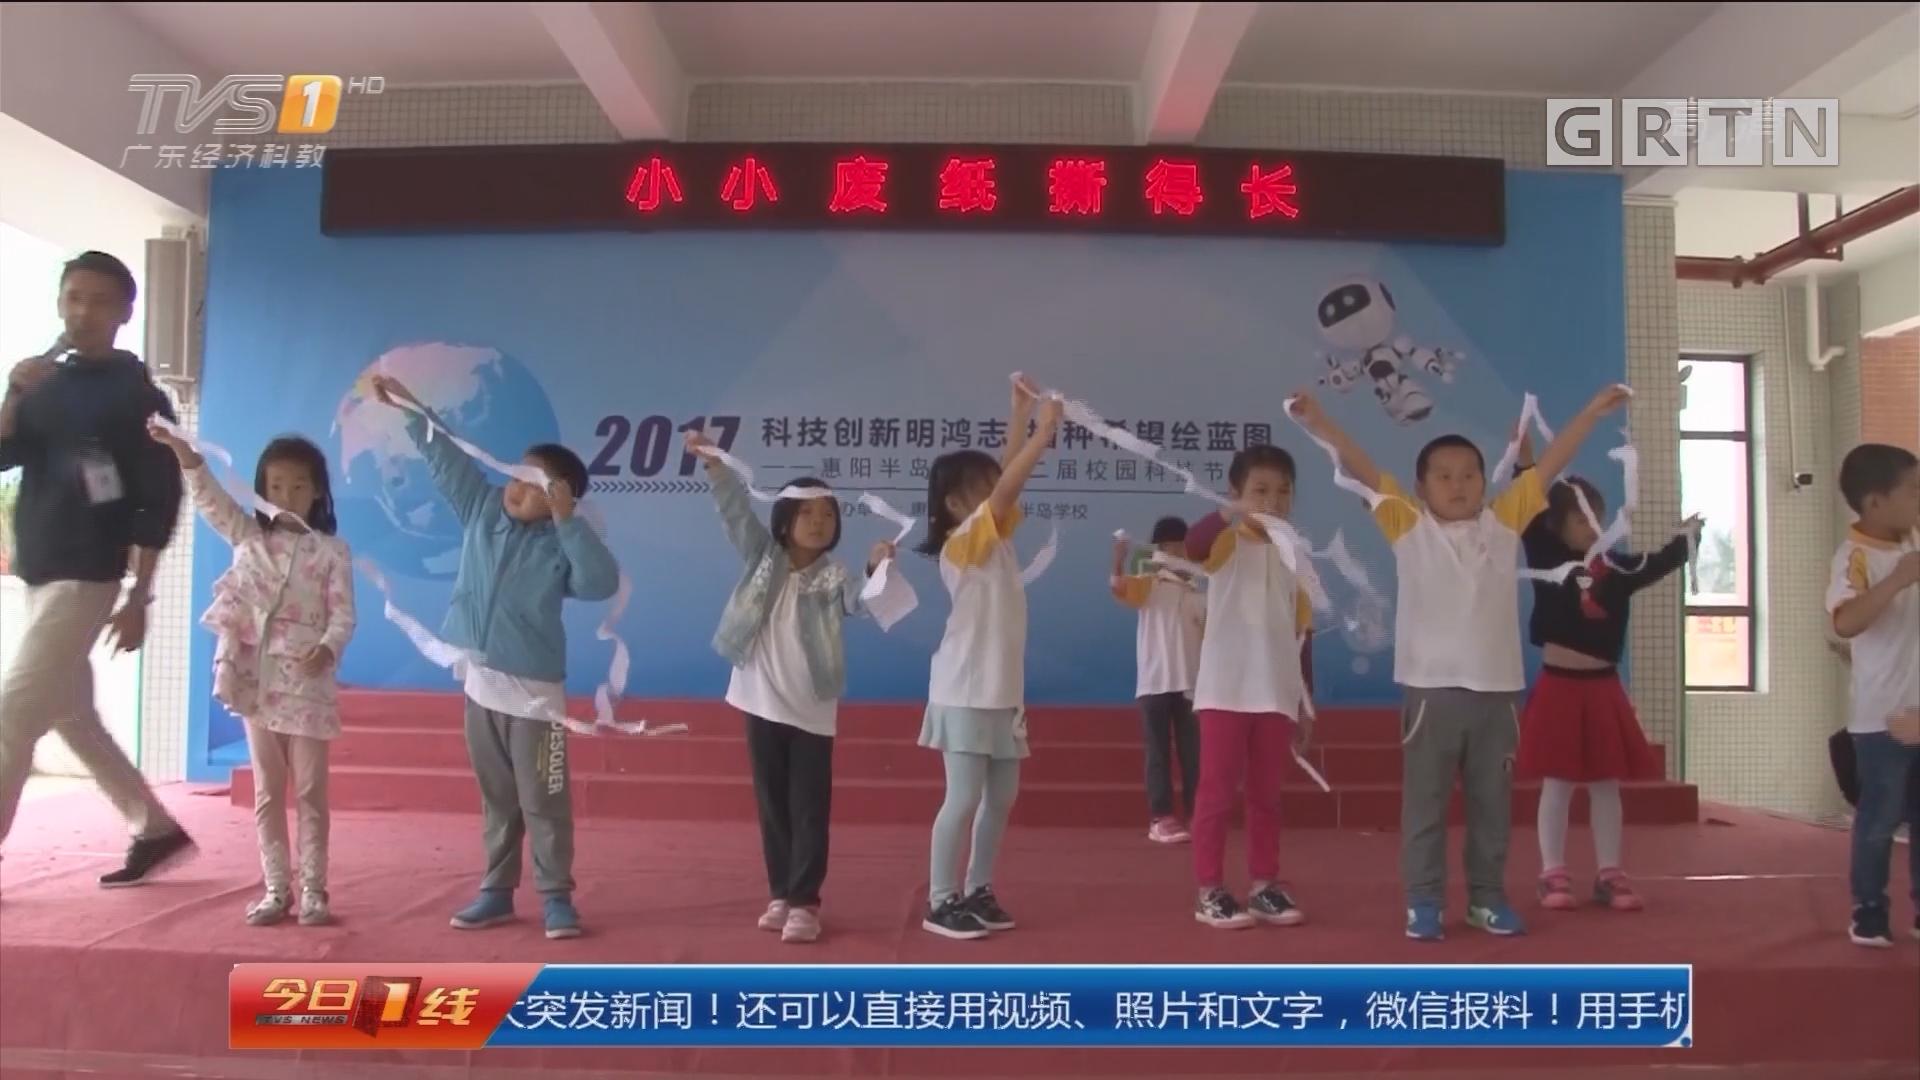 惠州惠阳:校园科技节 锻炼动手能力